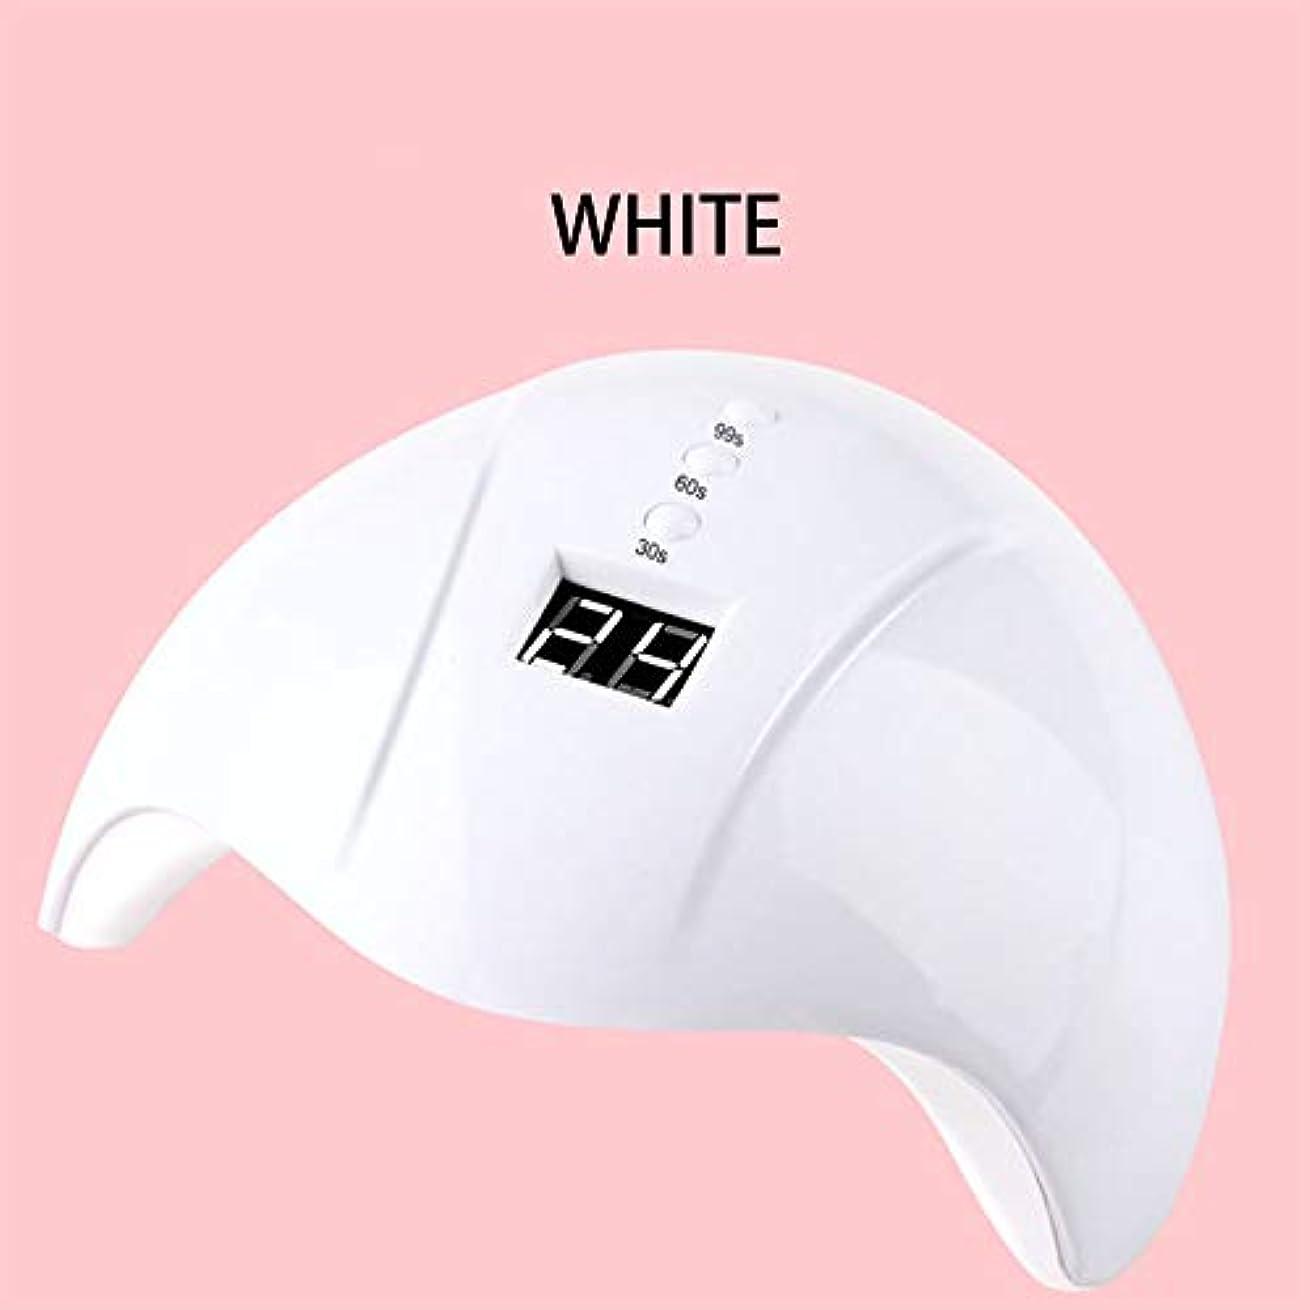 毒液進捗北西36W紫外線LEDジェルマニキュアを硬化させるための赤外線センサー、UVネイルライトクイック乾燥機、3つのタイマーとネイルLEDランプ(PINK/WHITE),白